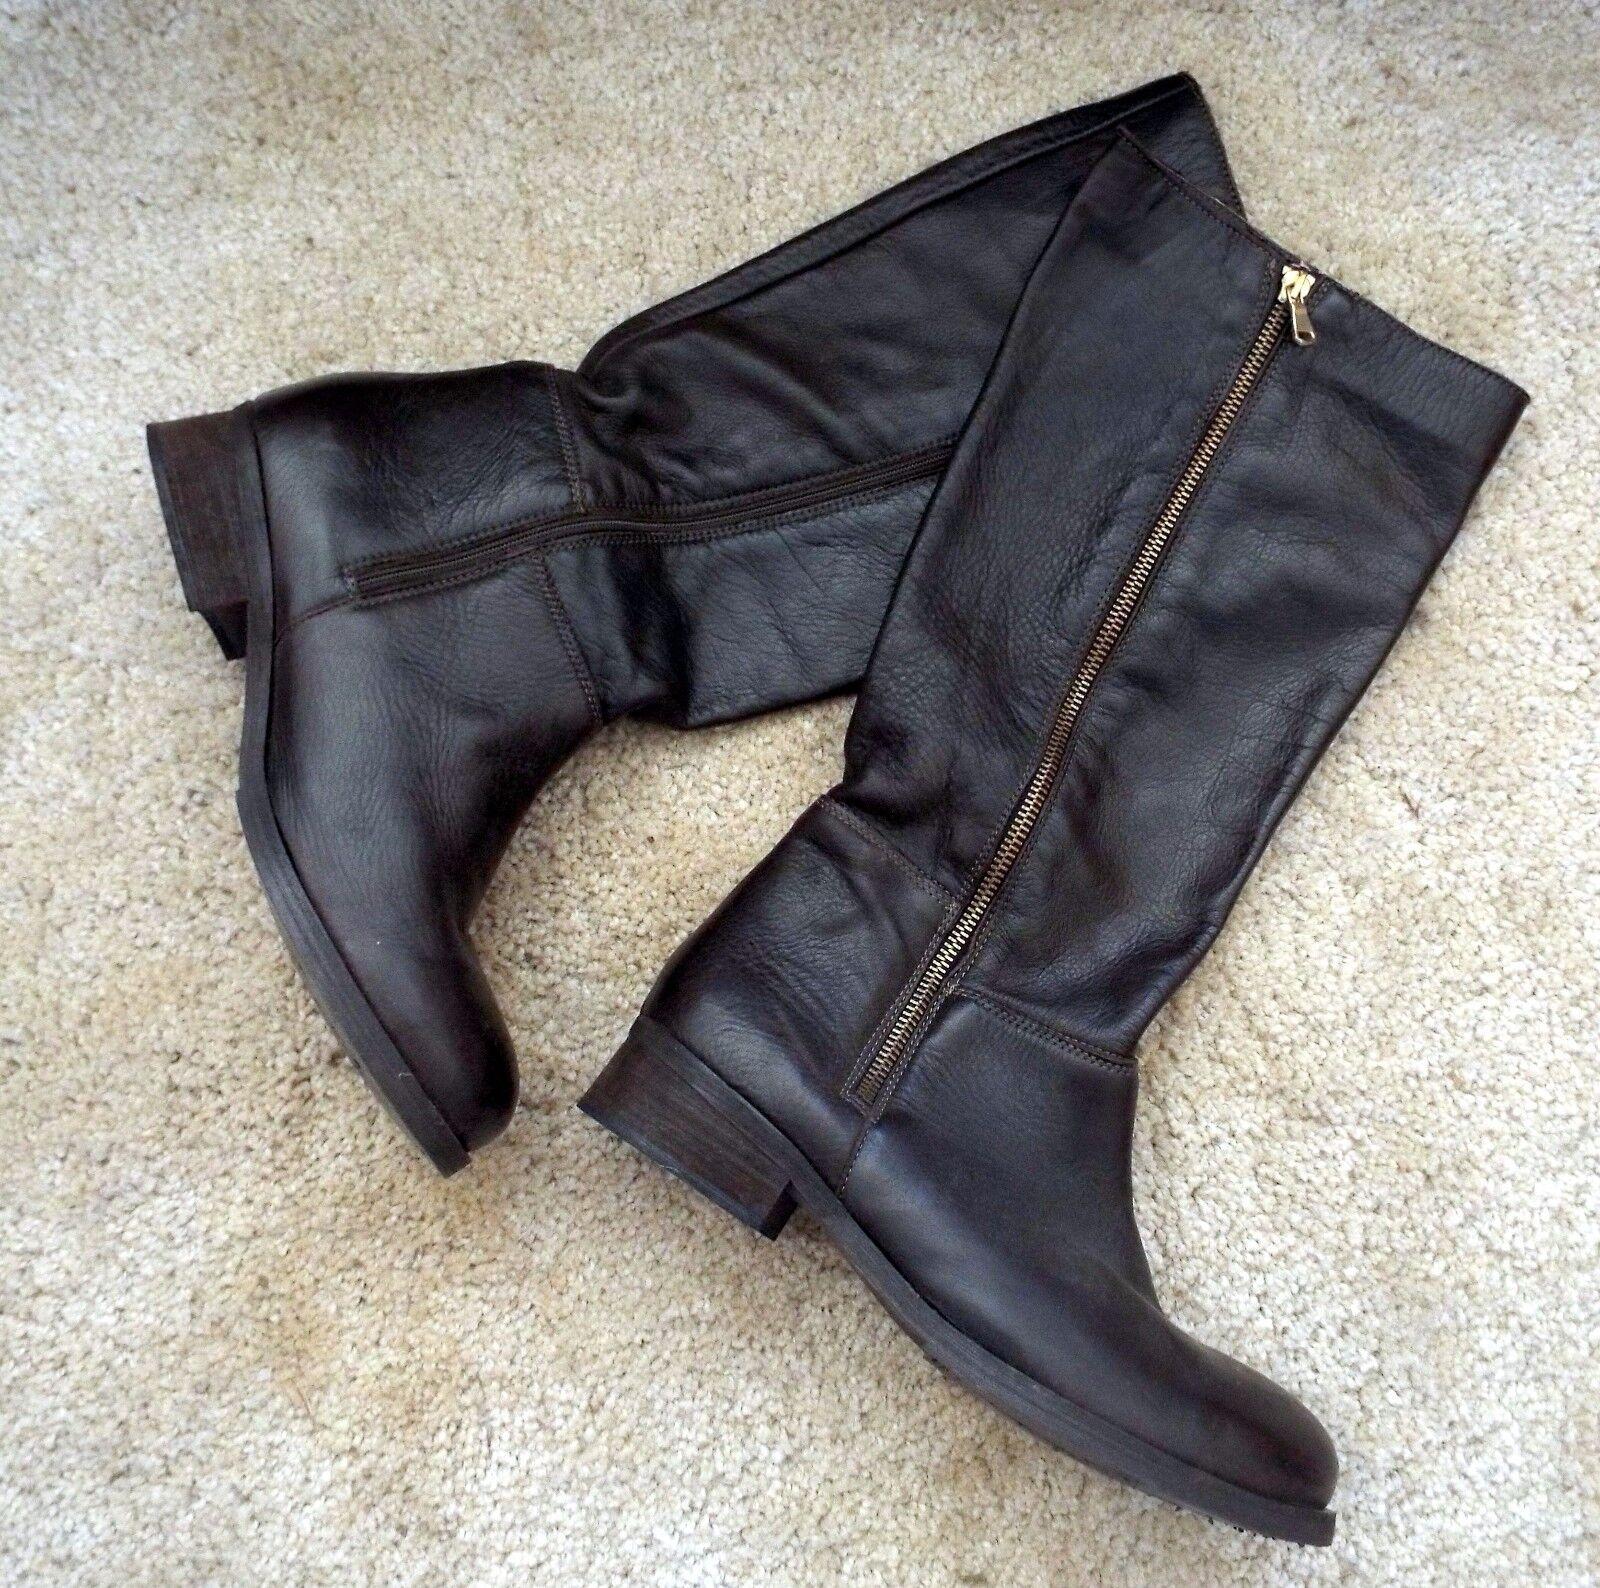 Daniel dark Braun soft Leder boots with zip detail Größe 41